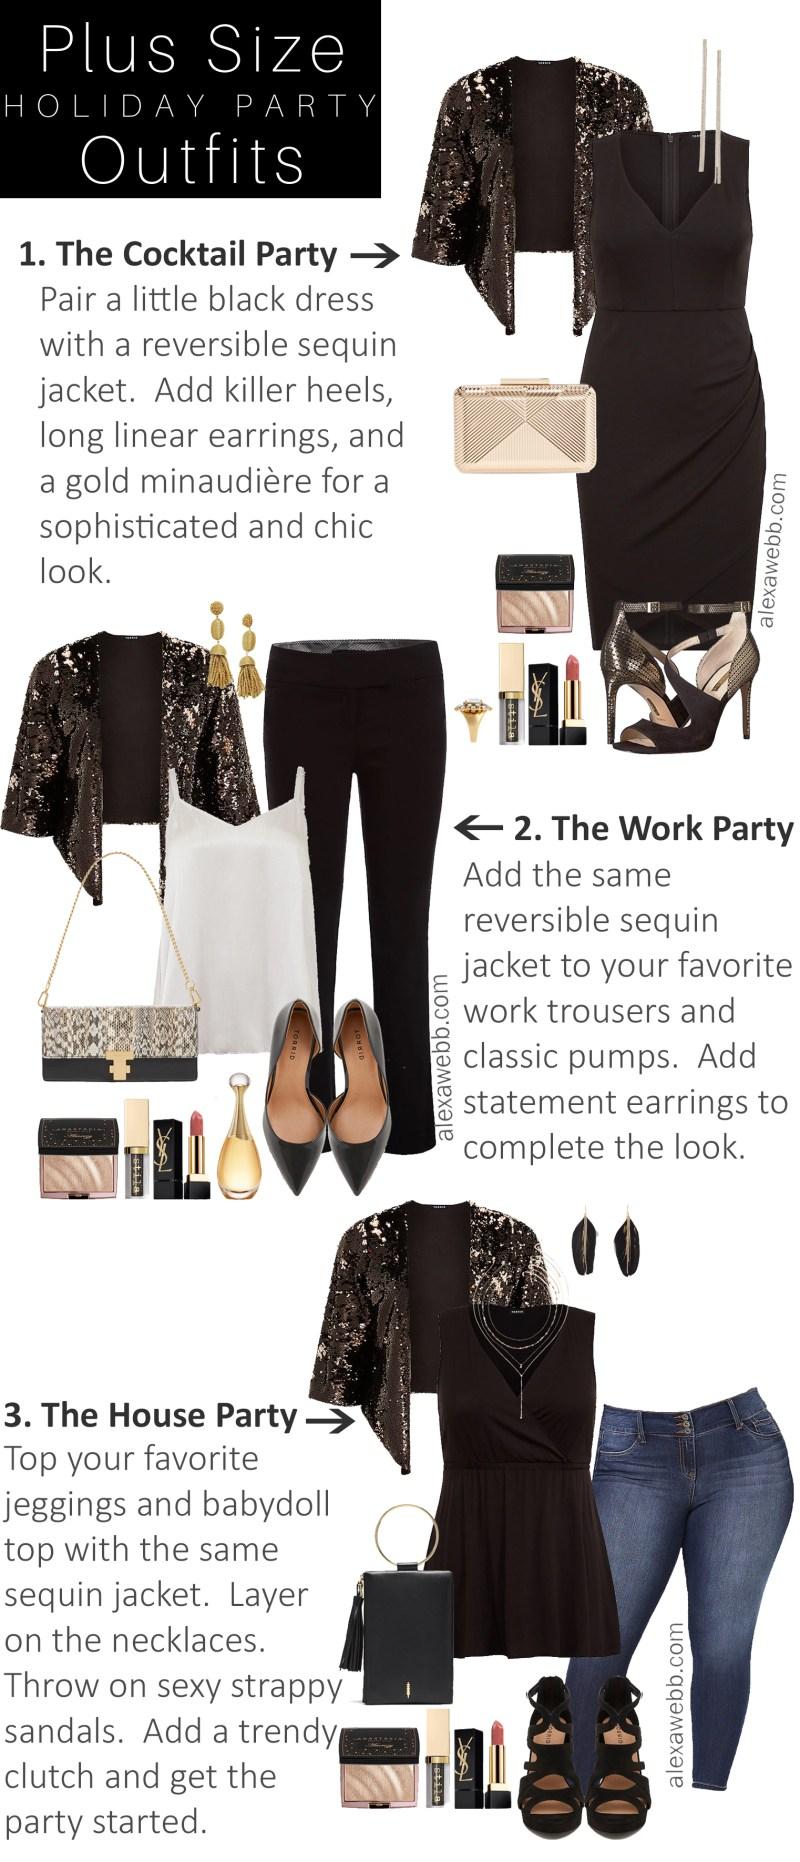 Plus Size Holiday Party Outfits - Plus Size Sequin Jacket, Little Black Dress - Plus Size Cocktail Attire - Plus Size Fashion for Women - alexawebb.com #plusssize #alexawebb